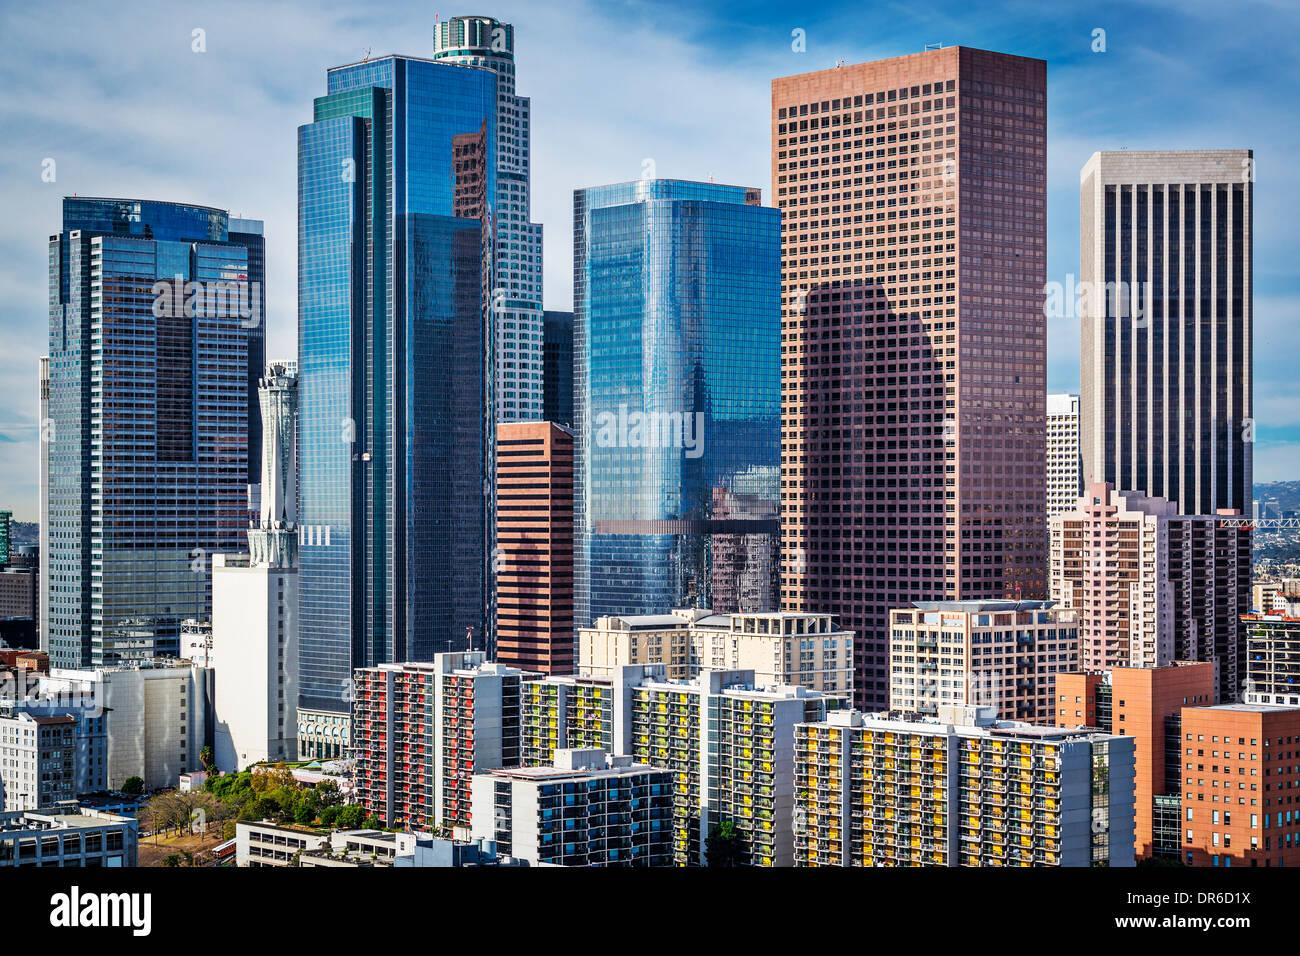 Die Innenstadt von Los Angeles, Kalifornien, USA Stadtbild. Stockbild